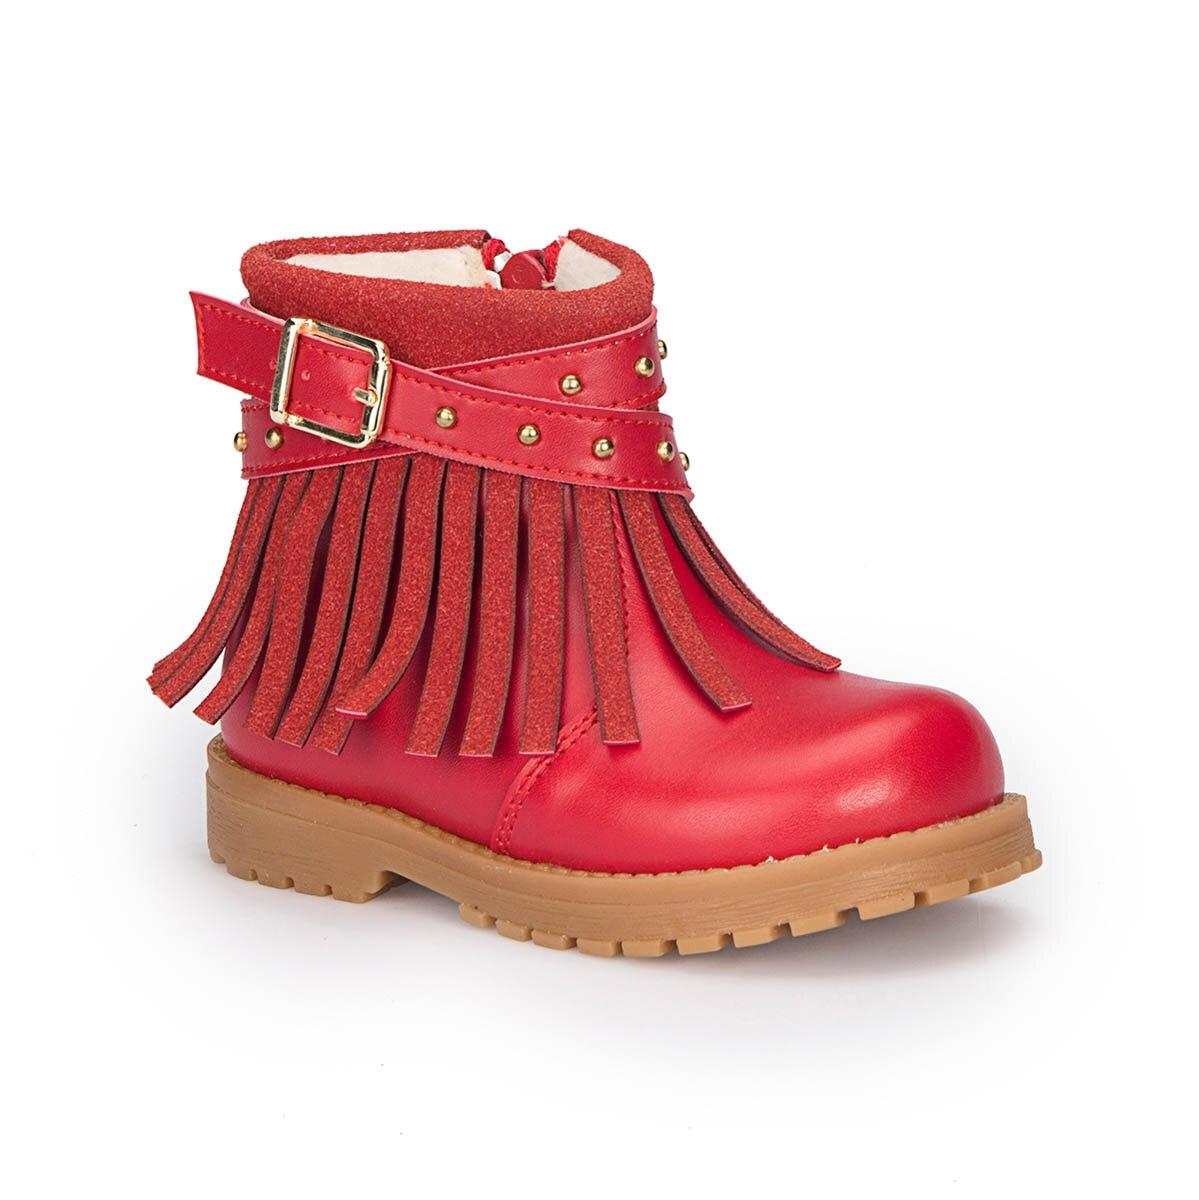 FLO 72.509538.B حذاء بولاريس أحمر للنساء والأطفال